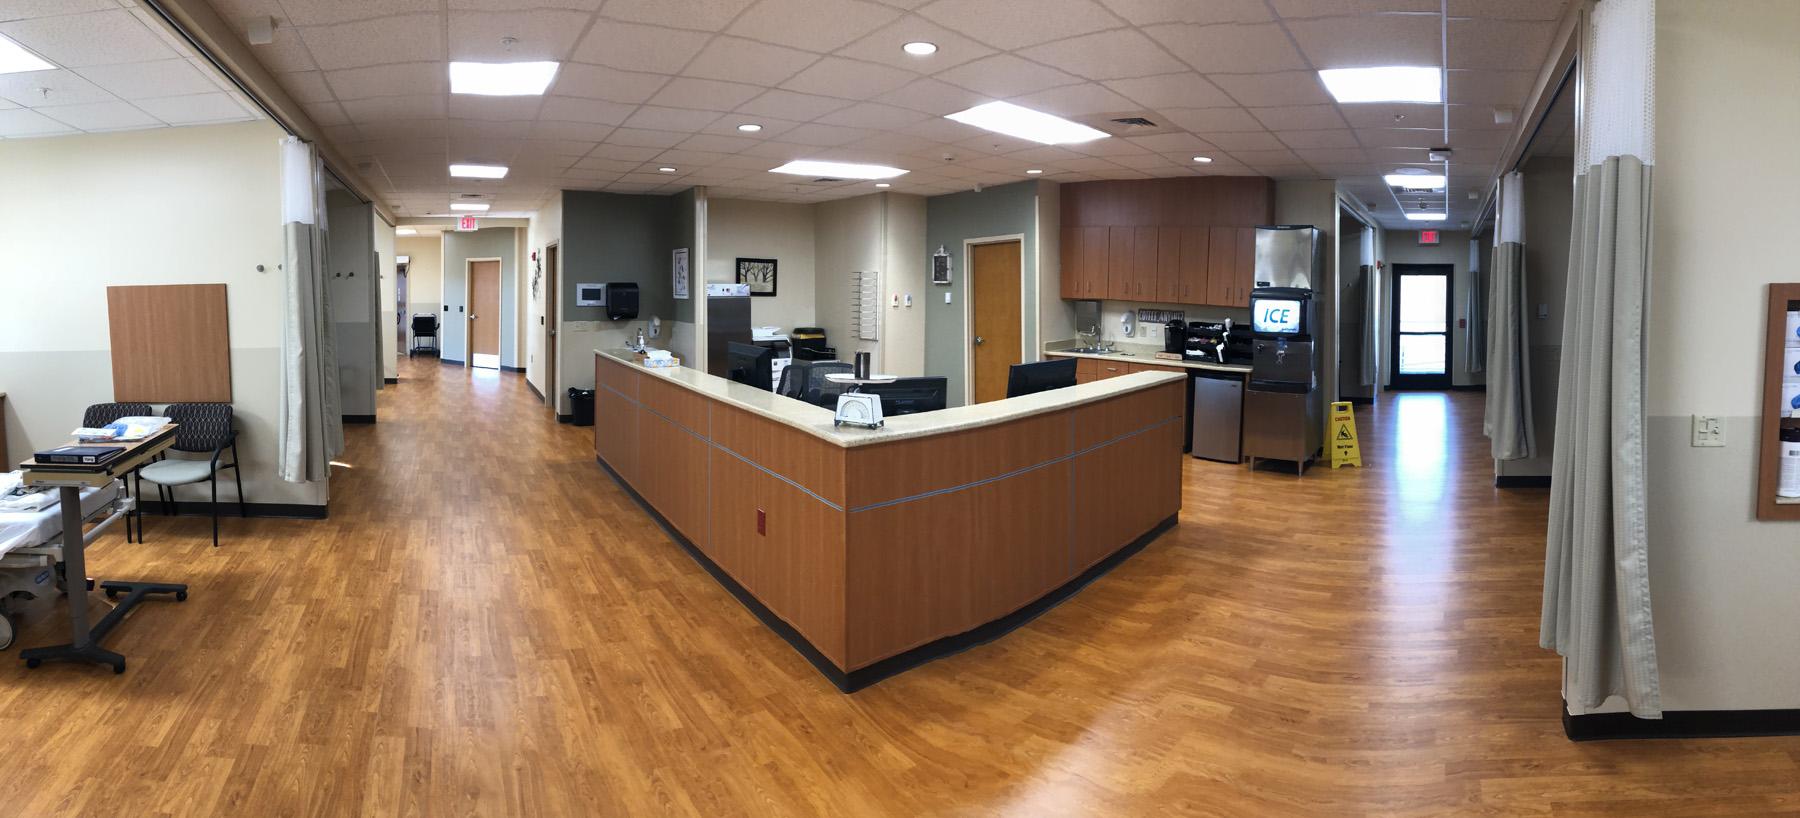 Horizon Health Surgery Open House is Nov. 28